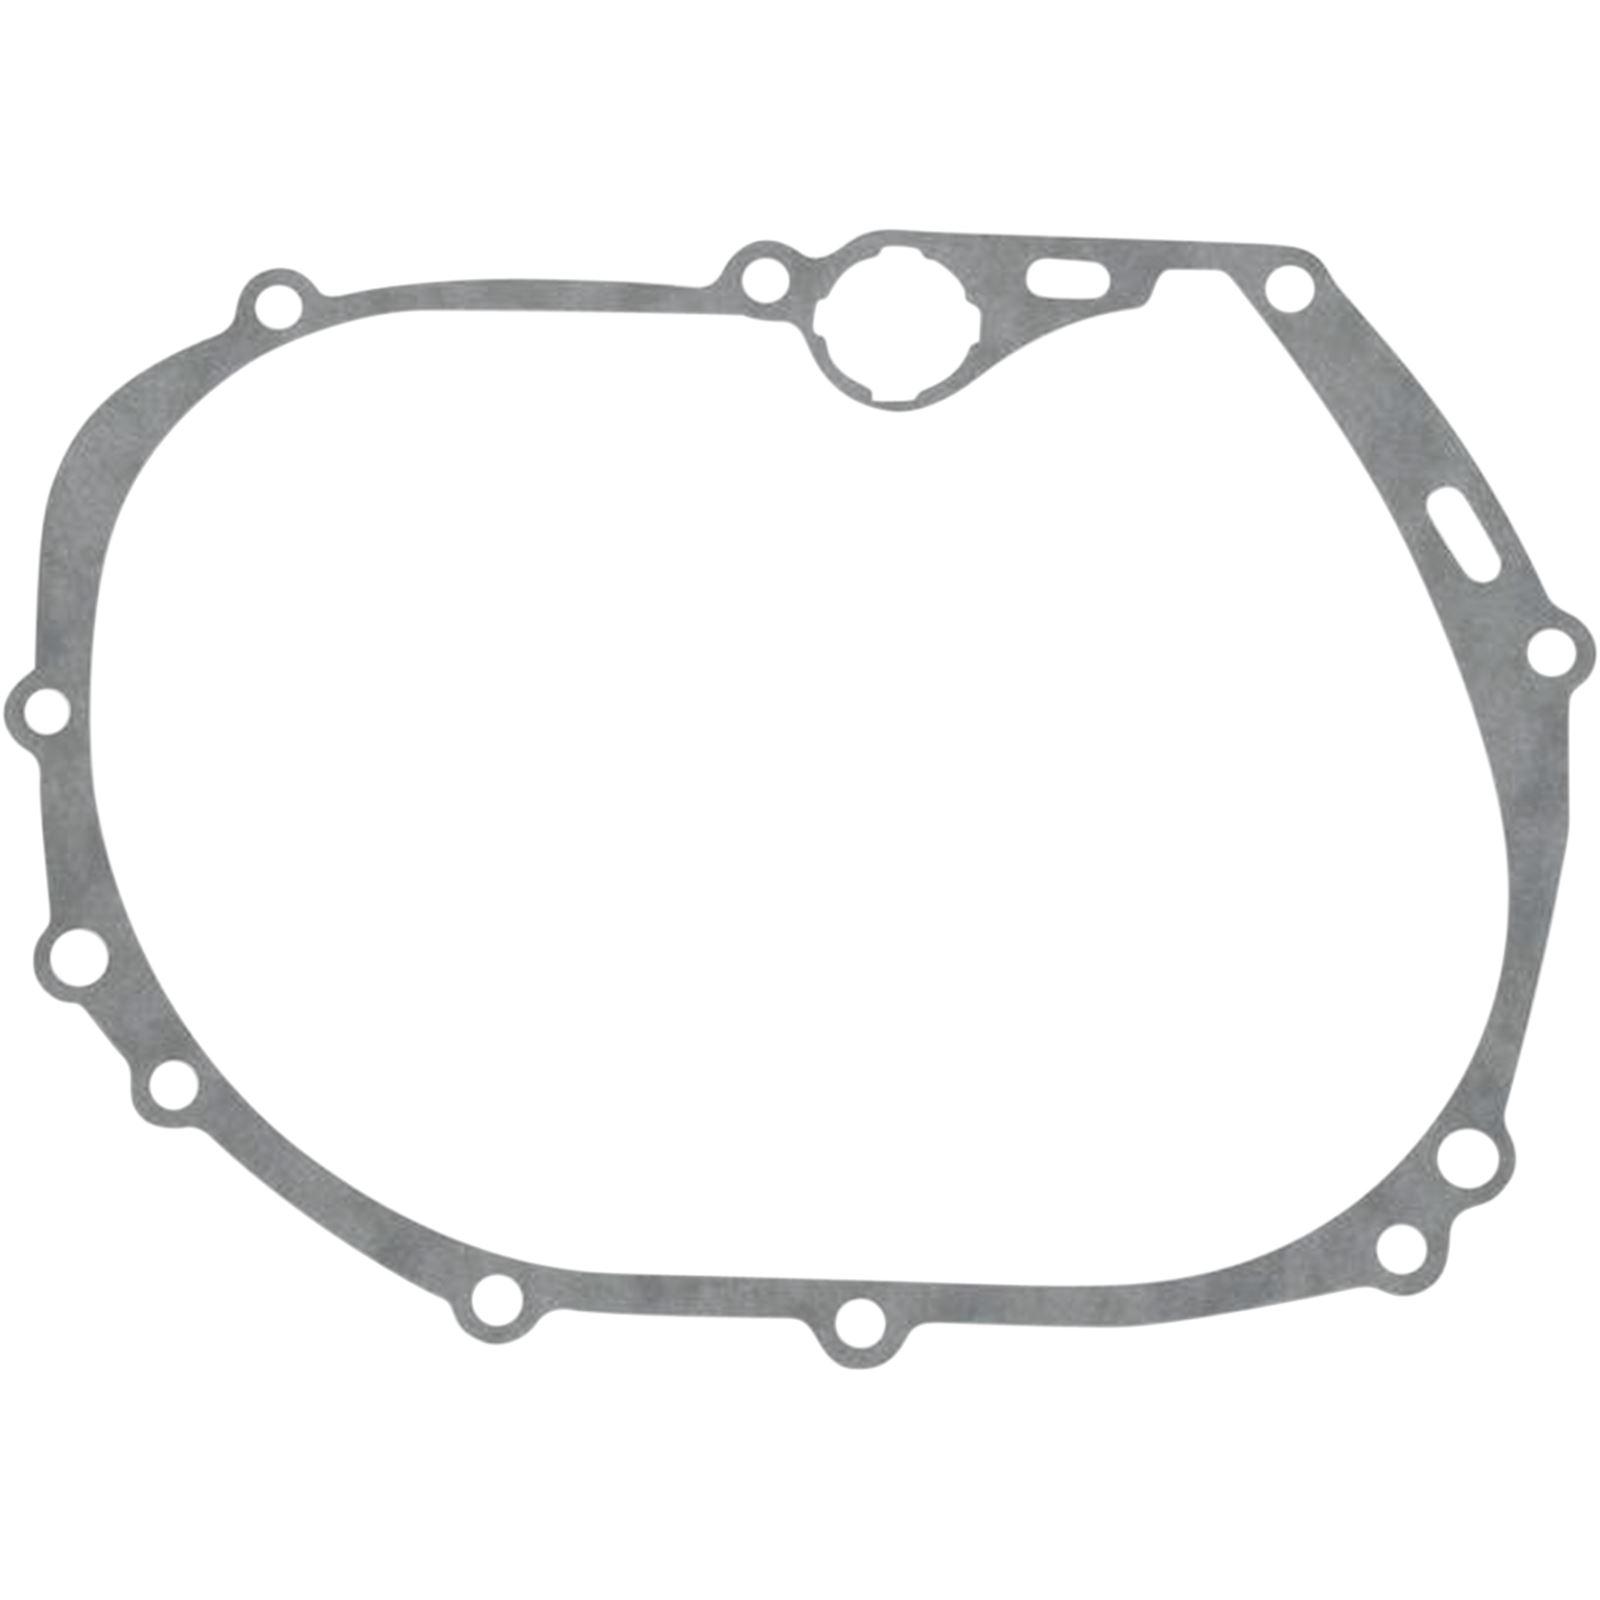 Moose Racing Clutch Cover Gasket KLX110